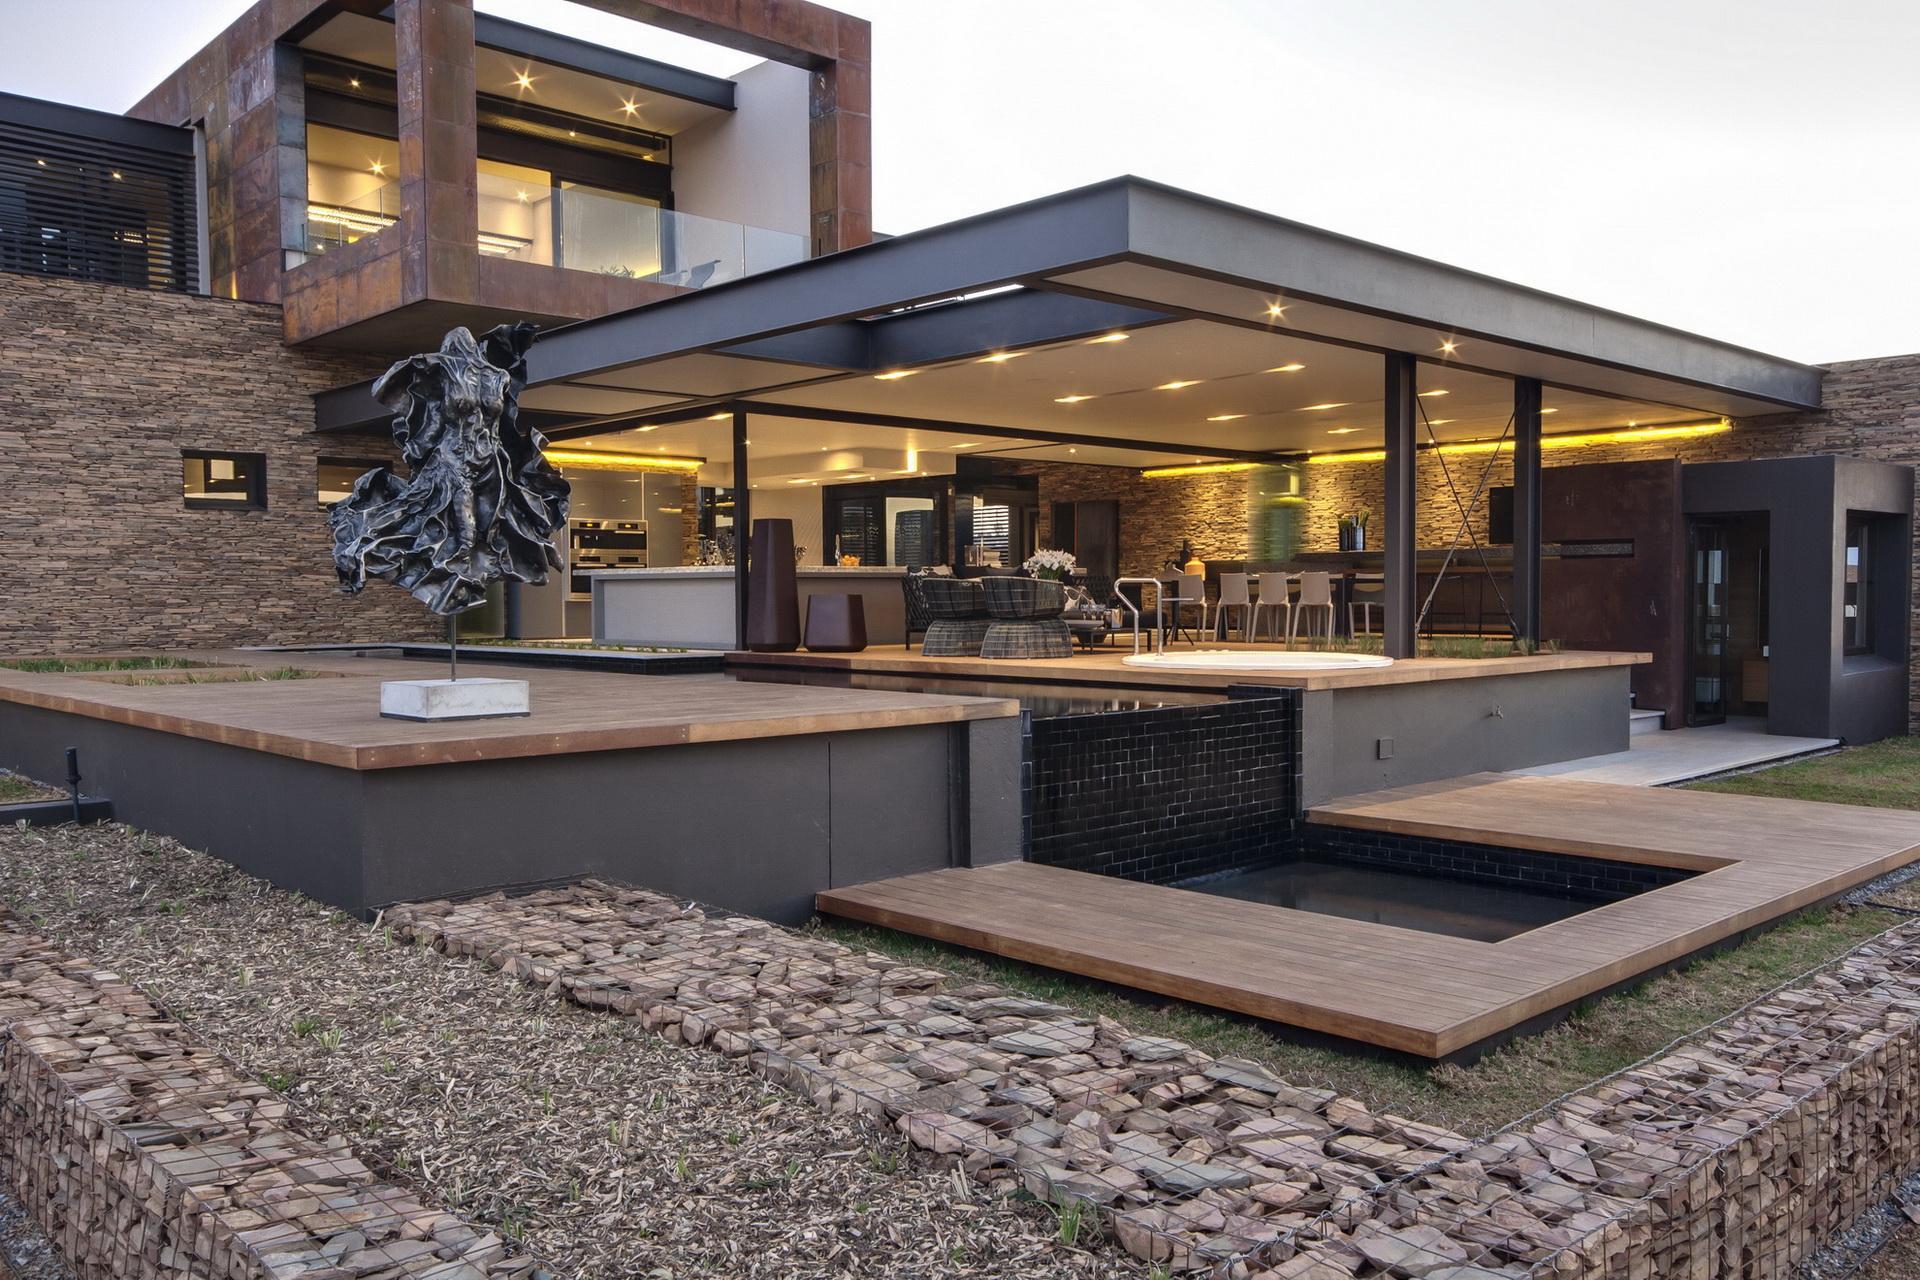 Casas prefabricadas de acero galvanizado precios y fotos for Casas de hormigon precios y fotos